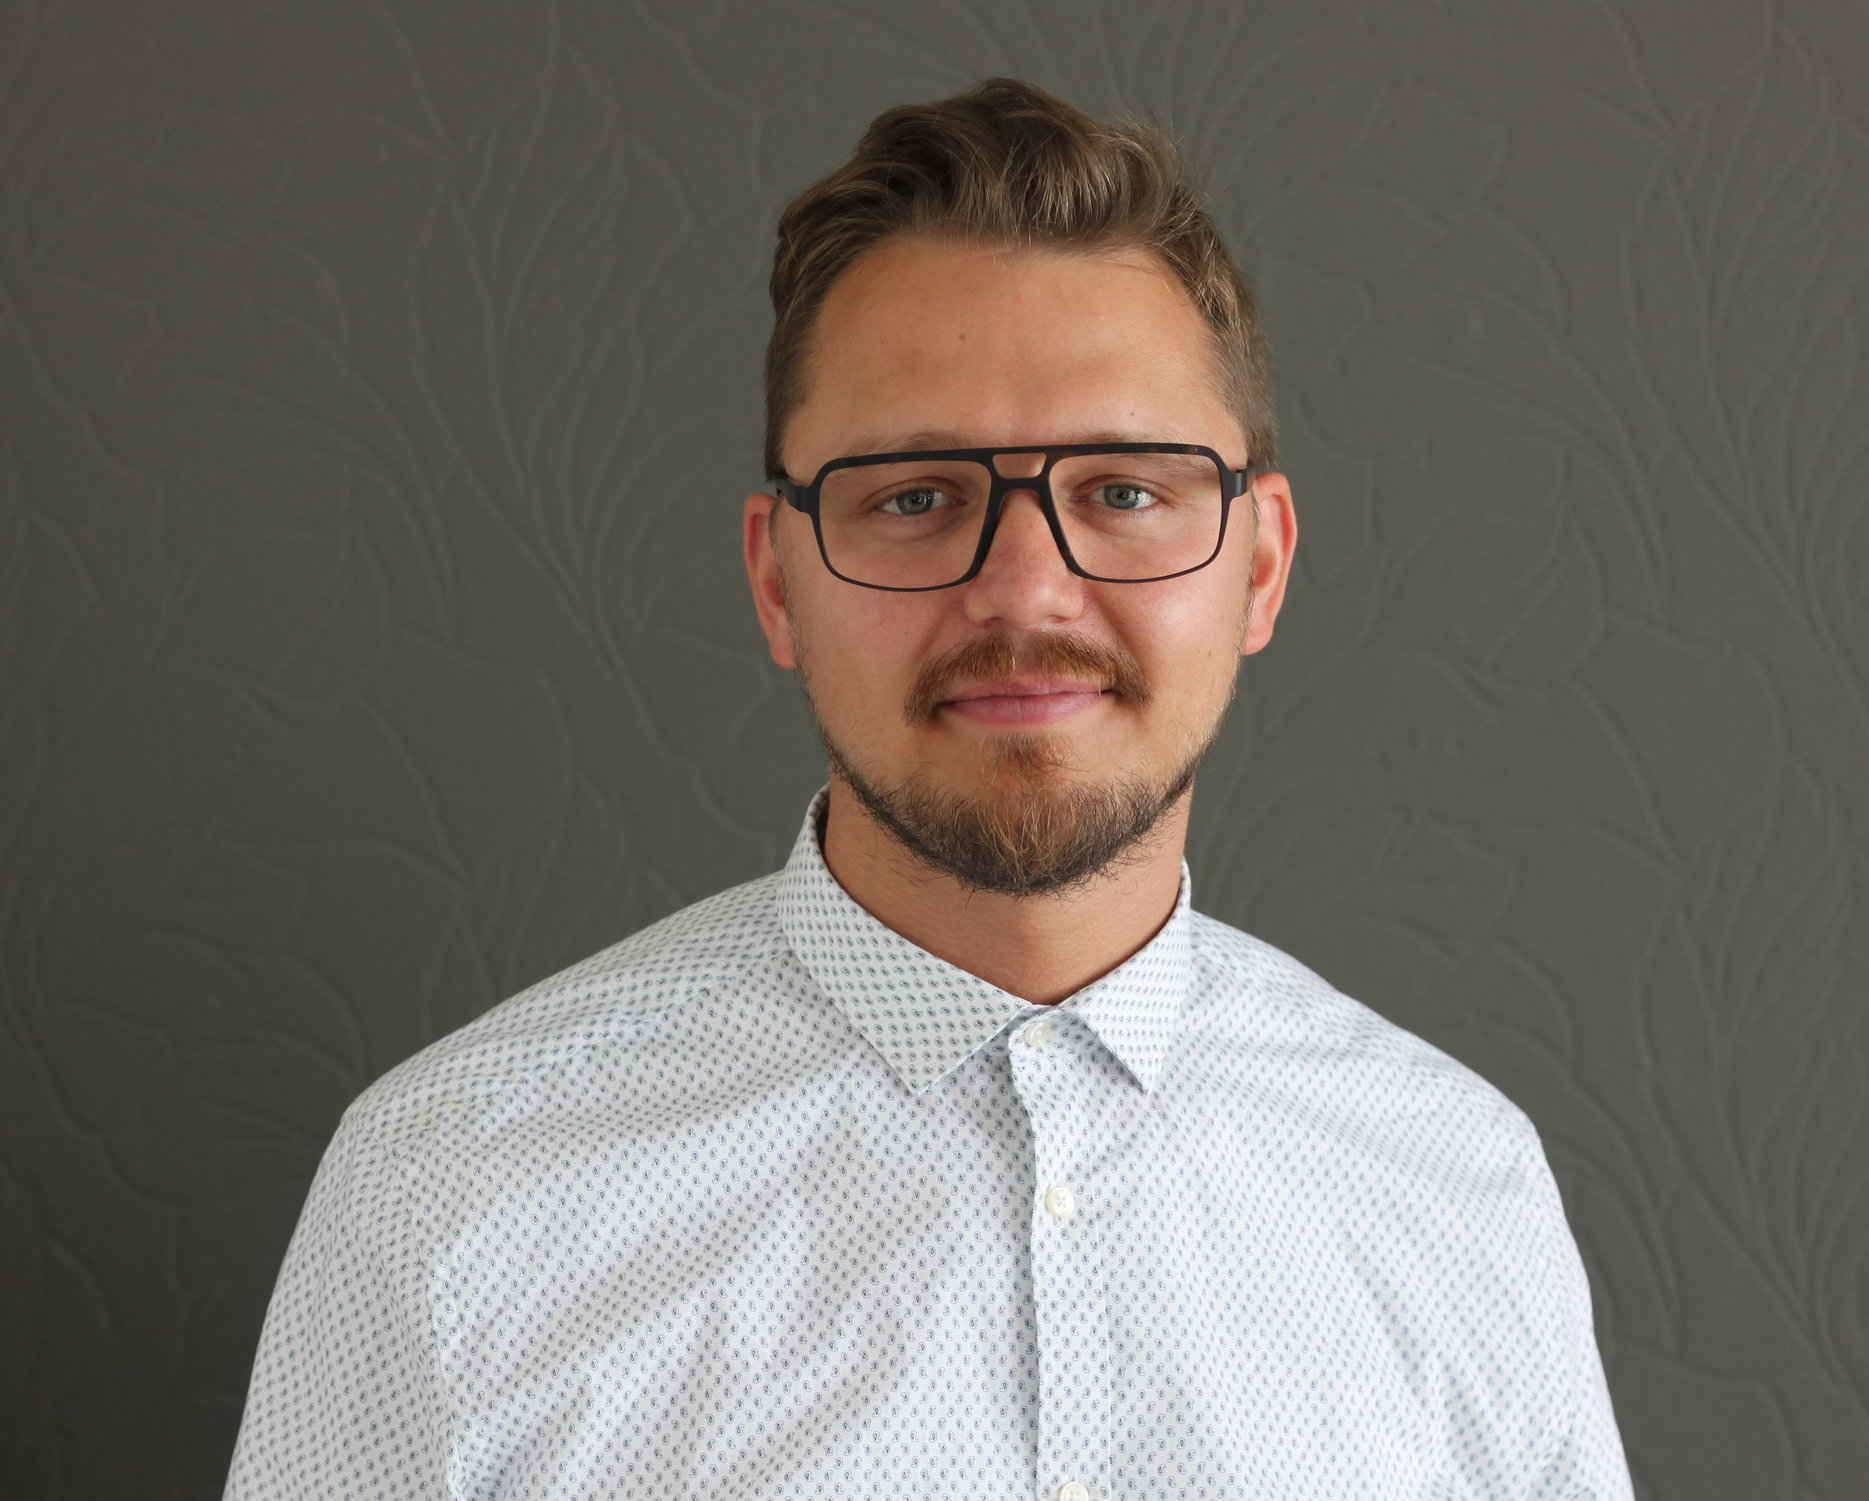 Hans-Bernd Stammermann - Augenoptiker & Optometrist Werlte